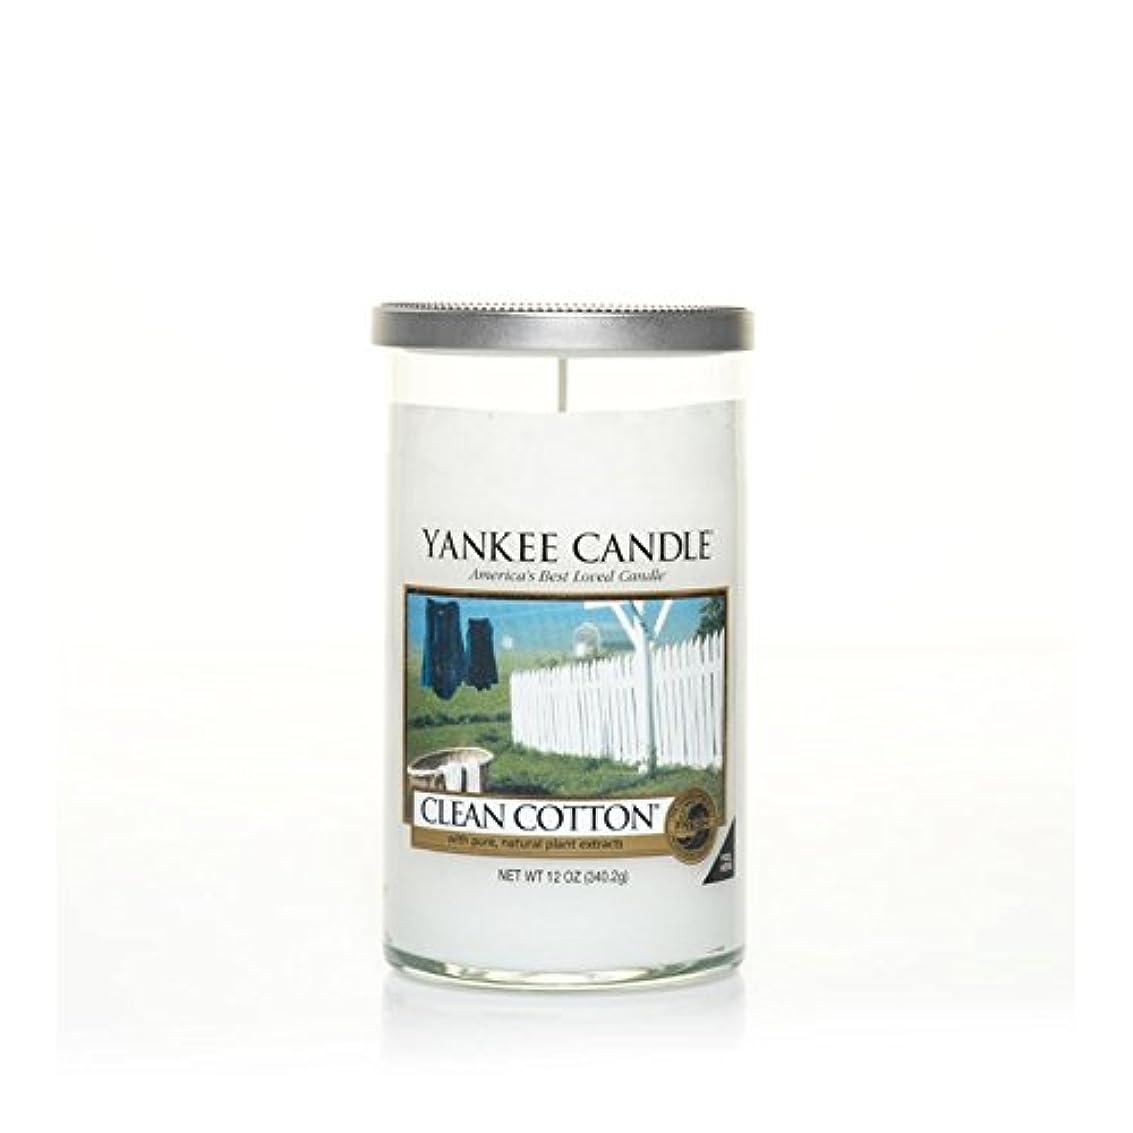 セラー手当オデュッセウスYankee Candles Medium Pillar Candle - Clean Cotton (Pack of 2) - ヤンキーキャンドルメディアピラーキャンドル - きれいな綿 (x2) [並行輸入品]